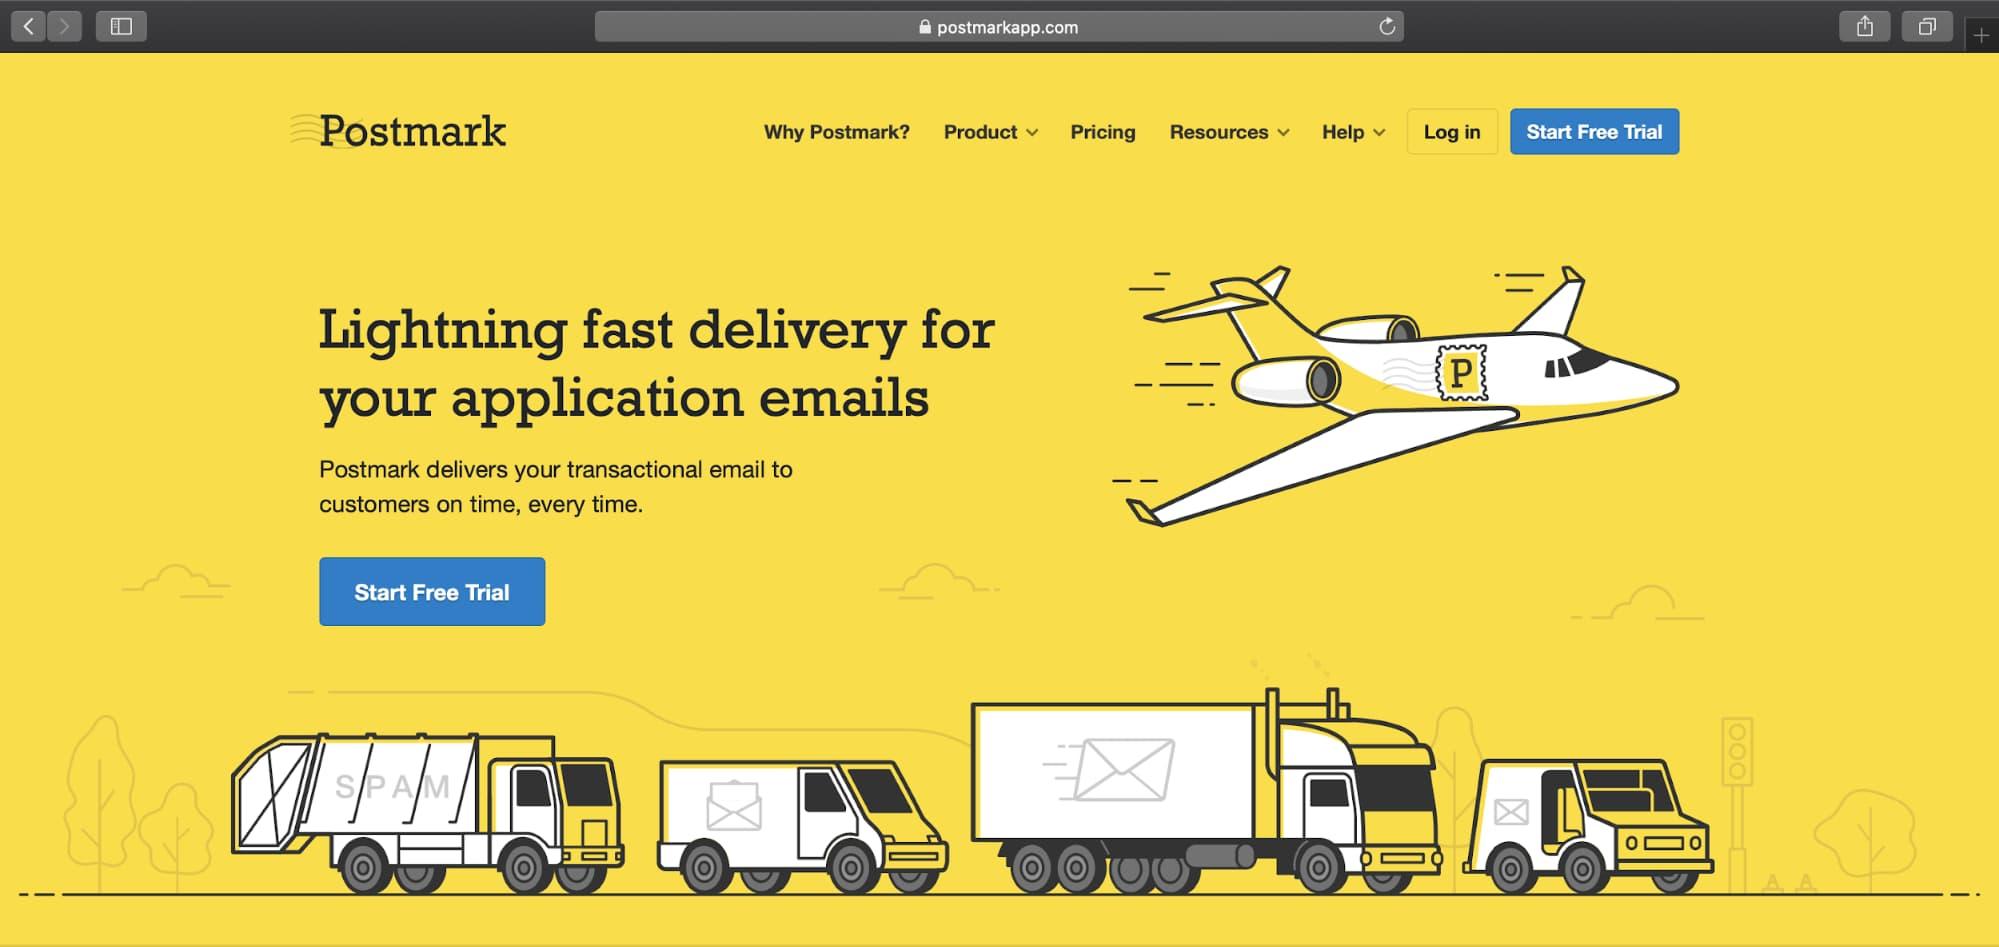 Postmark app homepage